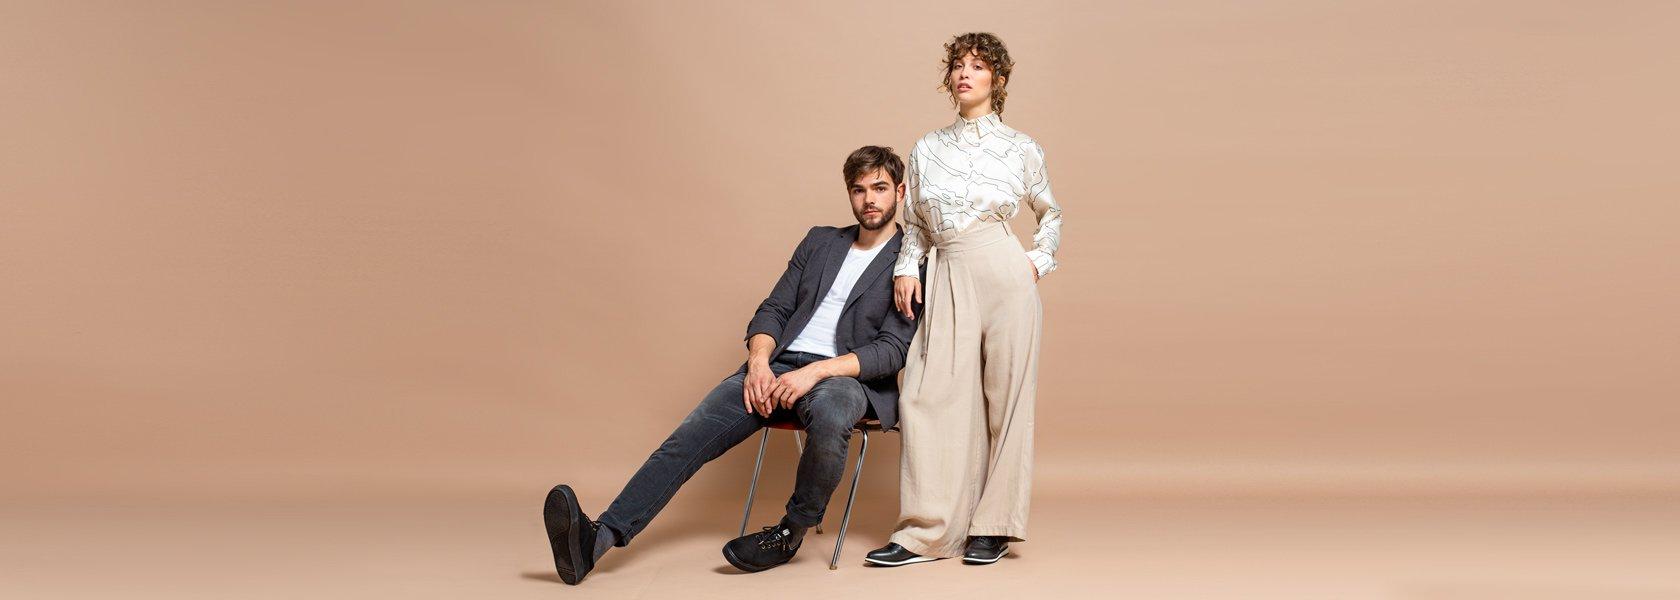 Mann und Frau tragen ökologische Winterjacken